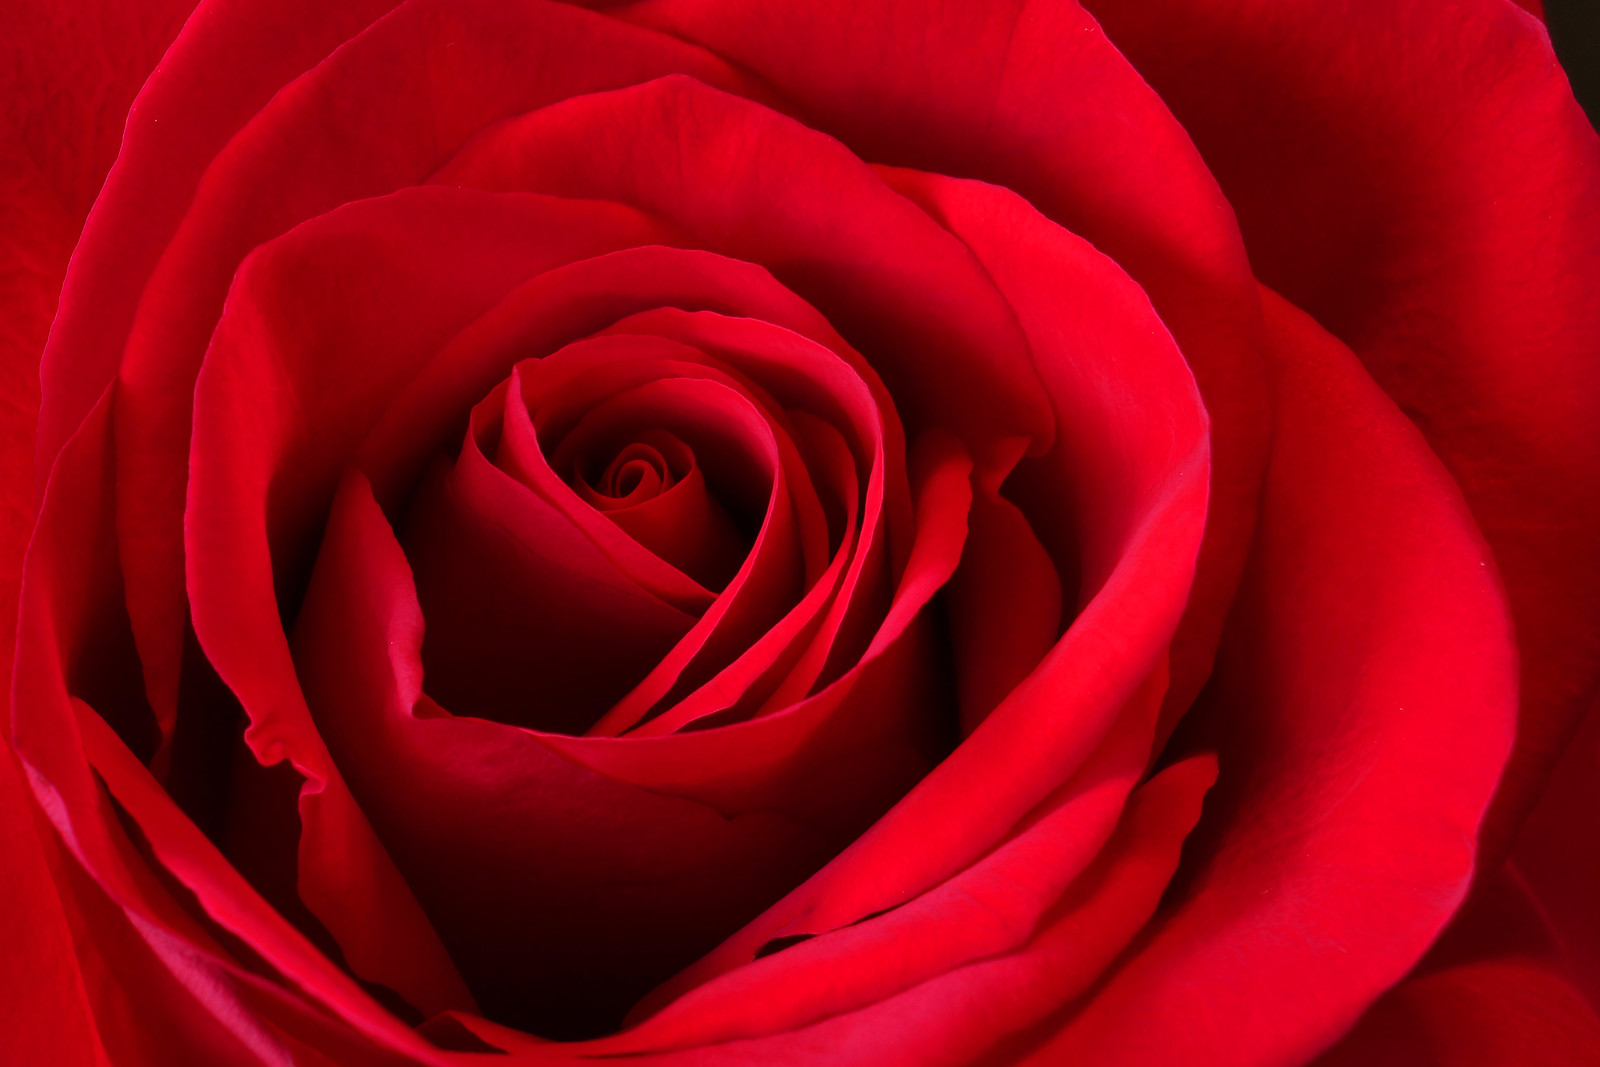 Valentine's Red